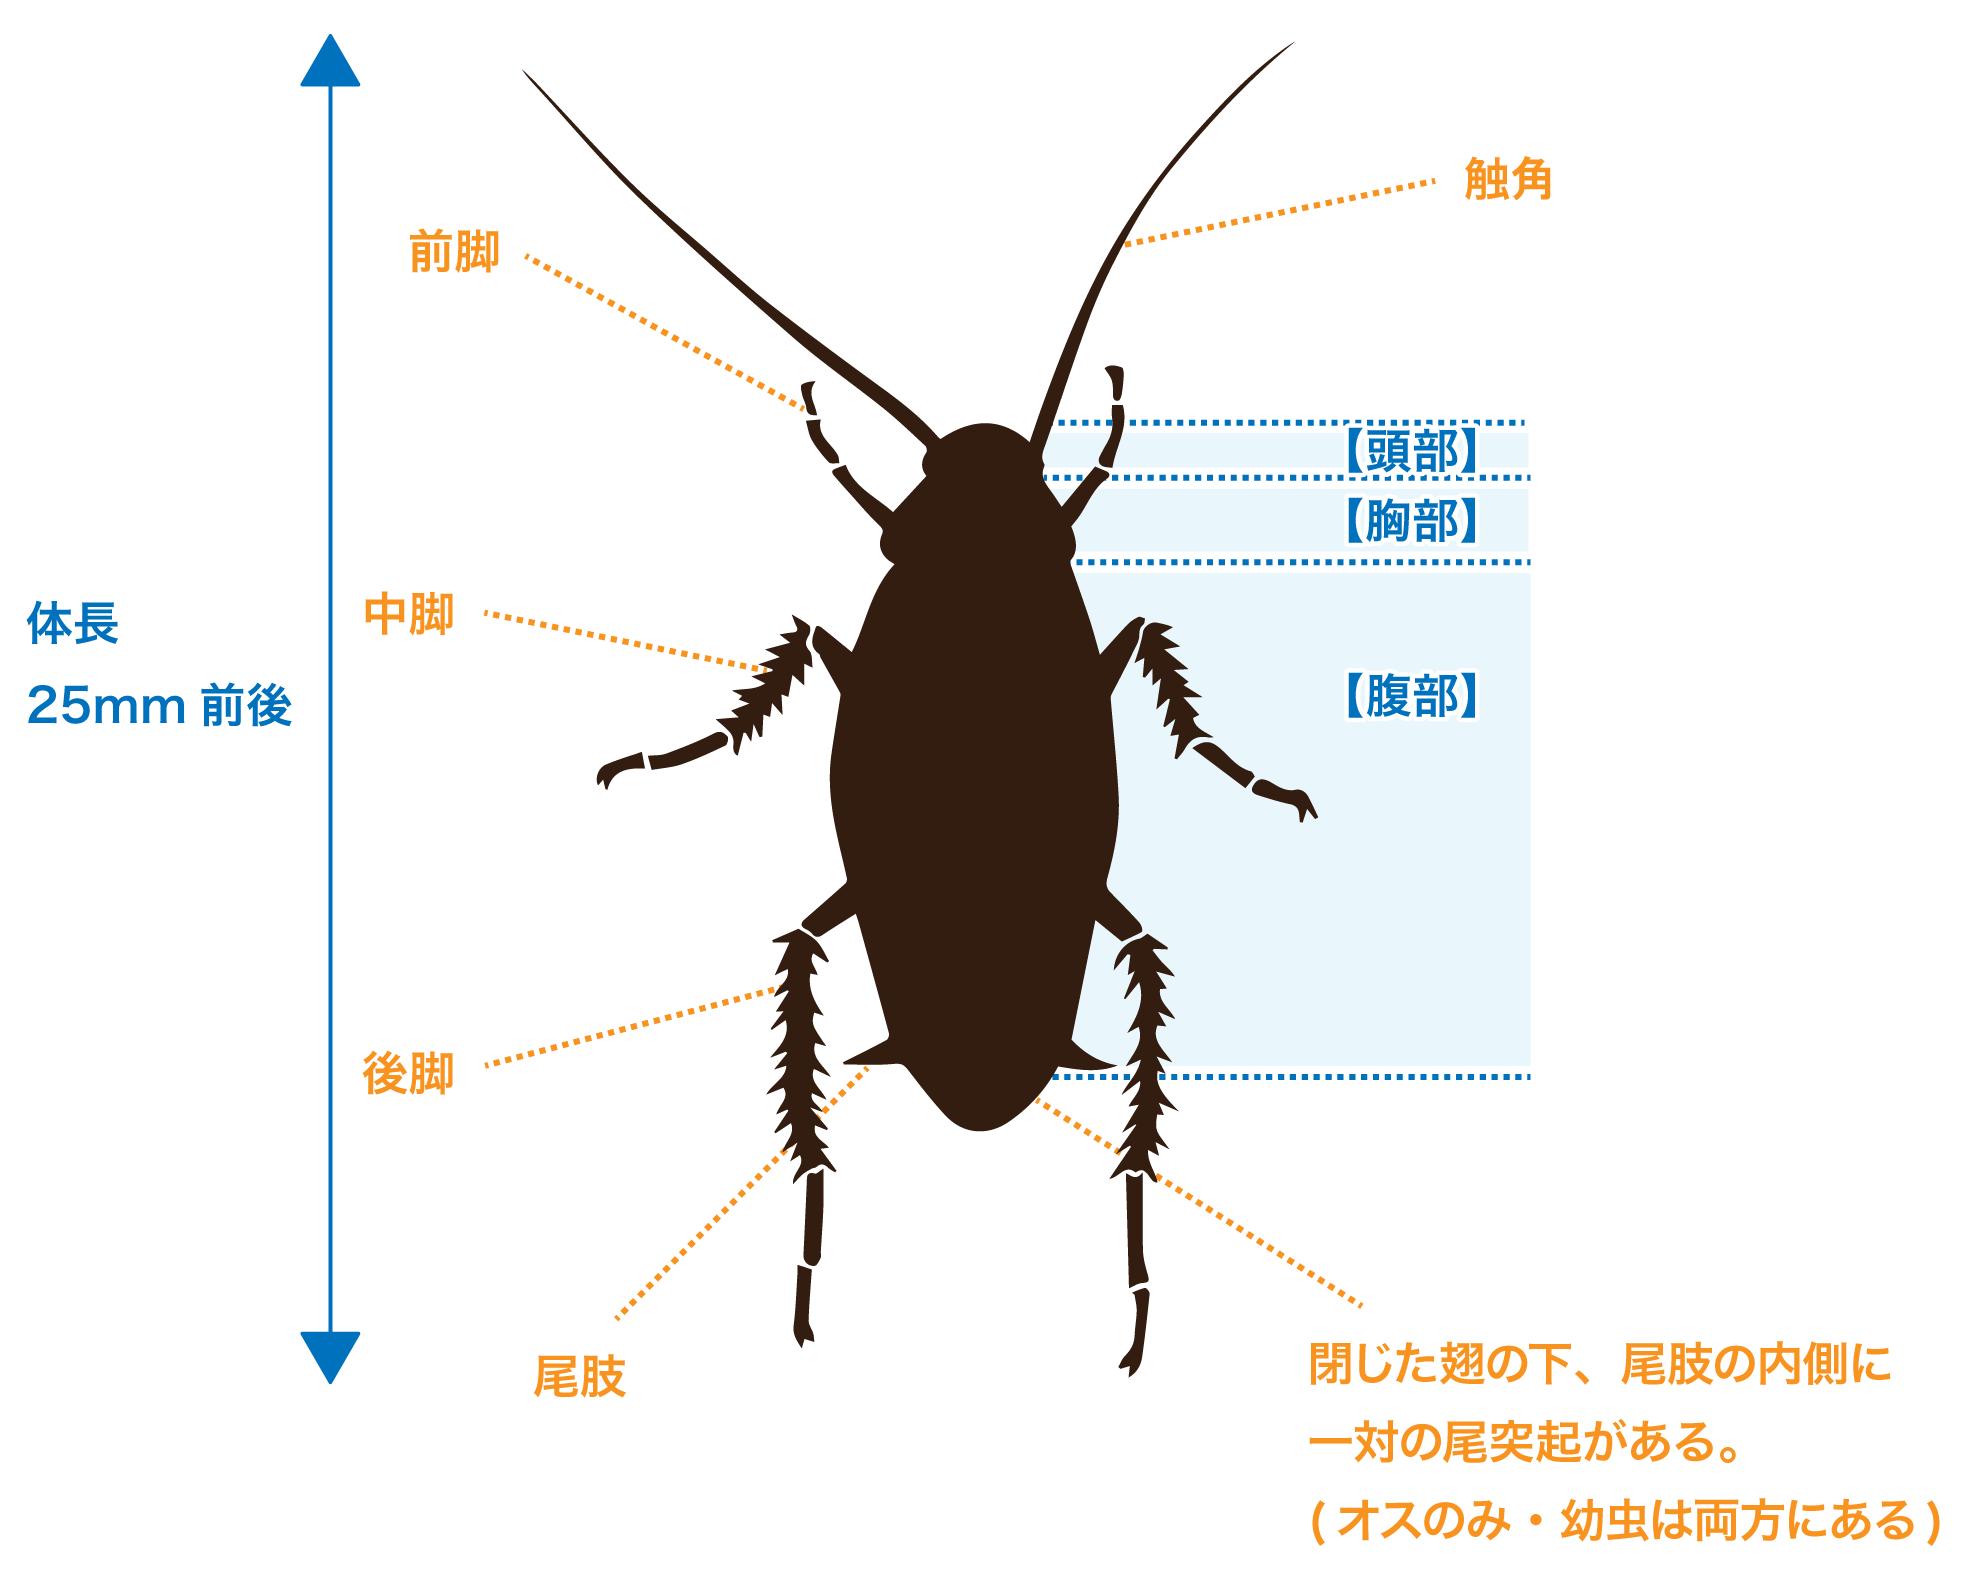 体長25mm前後のクロゴキブリの体のつくり。閉じた翅の下に一対の尾突起がある(オスのみ・幼虫は両方にある)